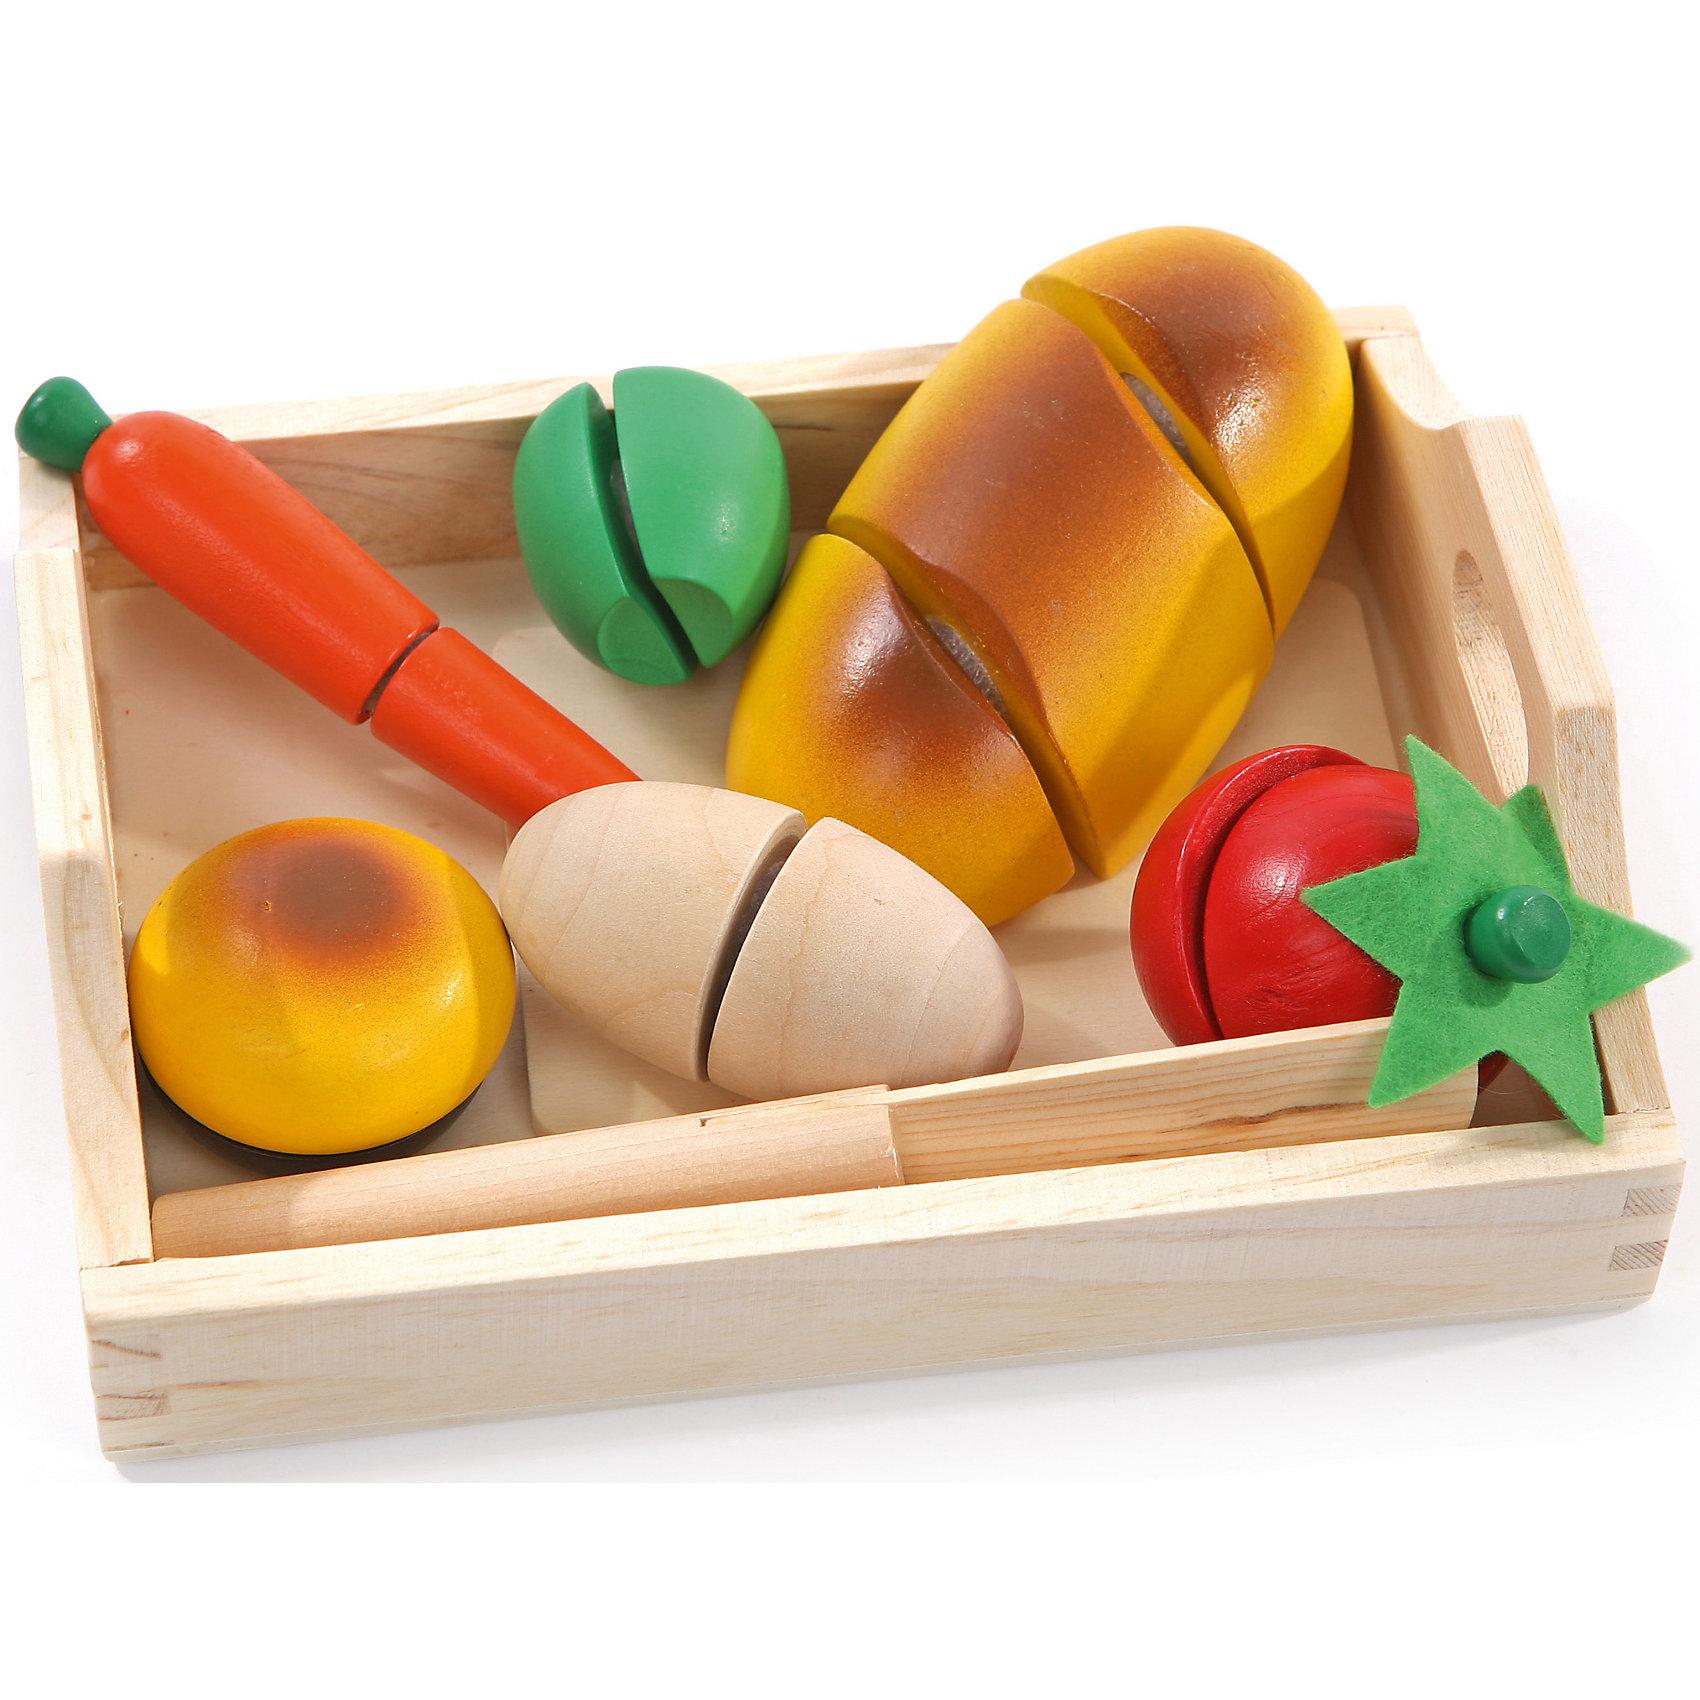 Игровой набор малый Готовим завтрак, Мир деревянных игрушекИгрушечные продукты питания<br>Дети спешат узнавать мир, и делать это приятнее, играя! Развивающие игрушки помогают малышу быстрее освоить нужные навыки: они развивают мелкую моторику, цветовосприятие, умение логически размышлять, внимание, способность распознавать разные геометрические формы и многое другое.<br>Эта игрушка в виде набора продуктов сделана из натурального дерева, отлично обработанного и безопасного для малышей. Предметы состоят из нескольких частей, соединенных между собой. Можно делать вид, что их режешь! Игра с таким набором может надолго занять ребенка!<br><br>Дополнительная информация:<br><br>цвет: разноцветный;<br>материал: дерево;<br>комплектация: разделочная доска, нож, хлеб, яйцо, помидор, яблоко, морковка,  пончик;<br>размер доски: 8 х 10 см.<br><br>Игровой набор малый Готовим завтрак от компании Мир деревянных игрушек можно купить в нашем магазине.<br><br>Ширина мм: 145<br>Глубина мм: 55<br>Высота мм: 230<br>Вес г: 415<br>Возраст от месяцев: 36<br>Возраст до месяцев: 2147483647<br>Пол: Унисекс<br>Возраст: Детский<br>SKU: 4976687